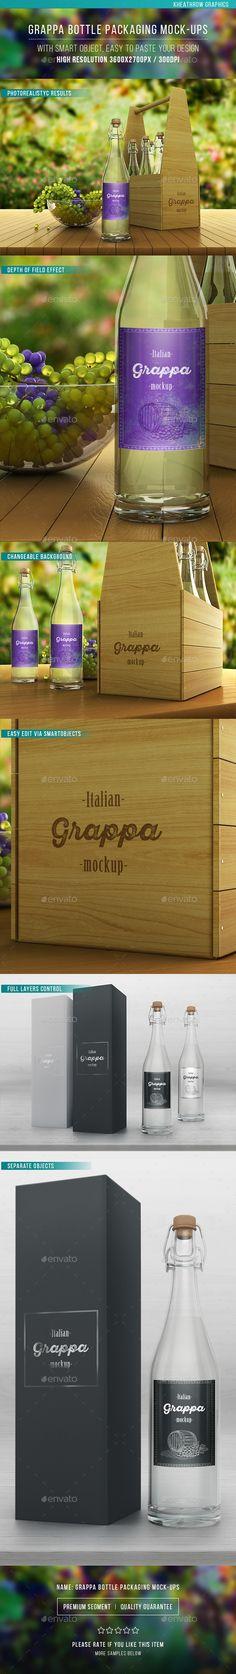 Grappa Bottle Packaging Mock-ups #design Download: http://graphicriver.net/item/grappa-bottle-packaging-mockups/12186277?ref=ksioks